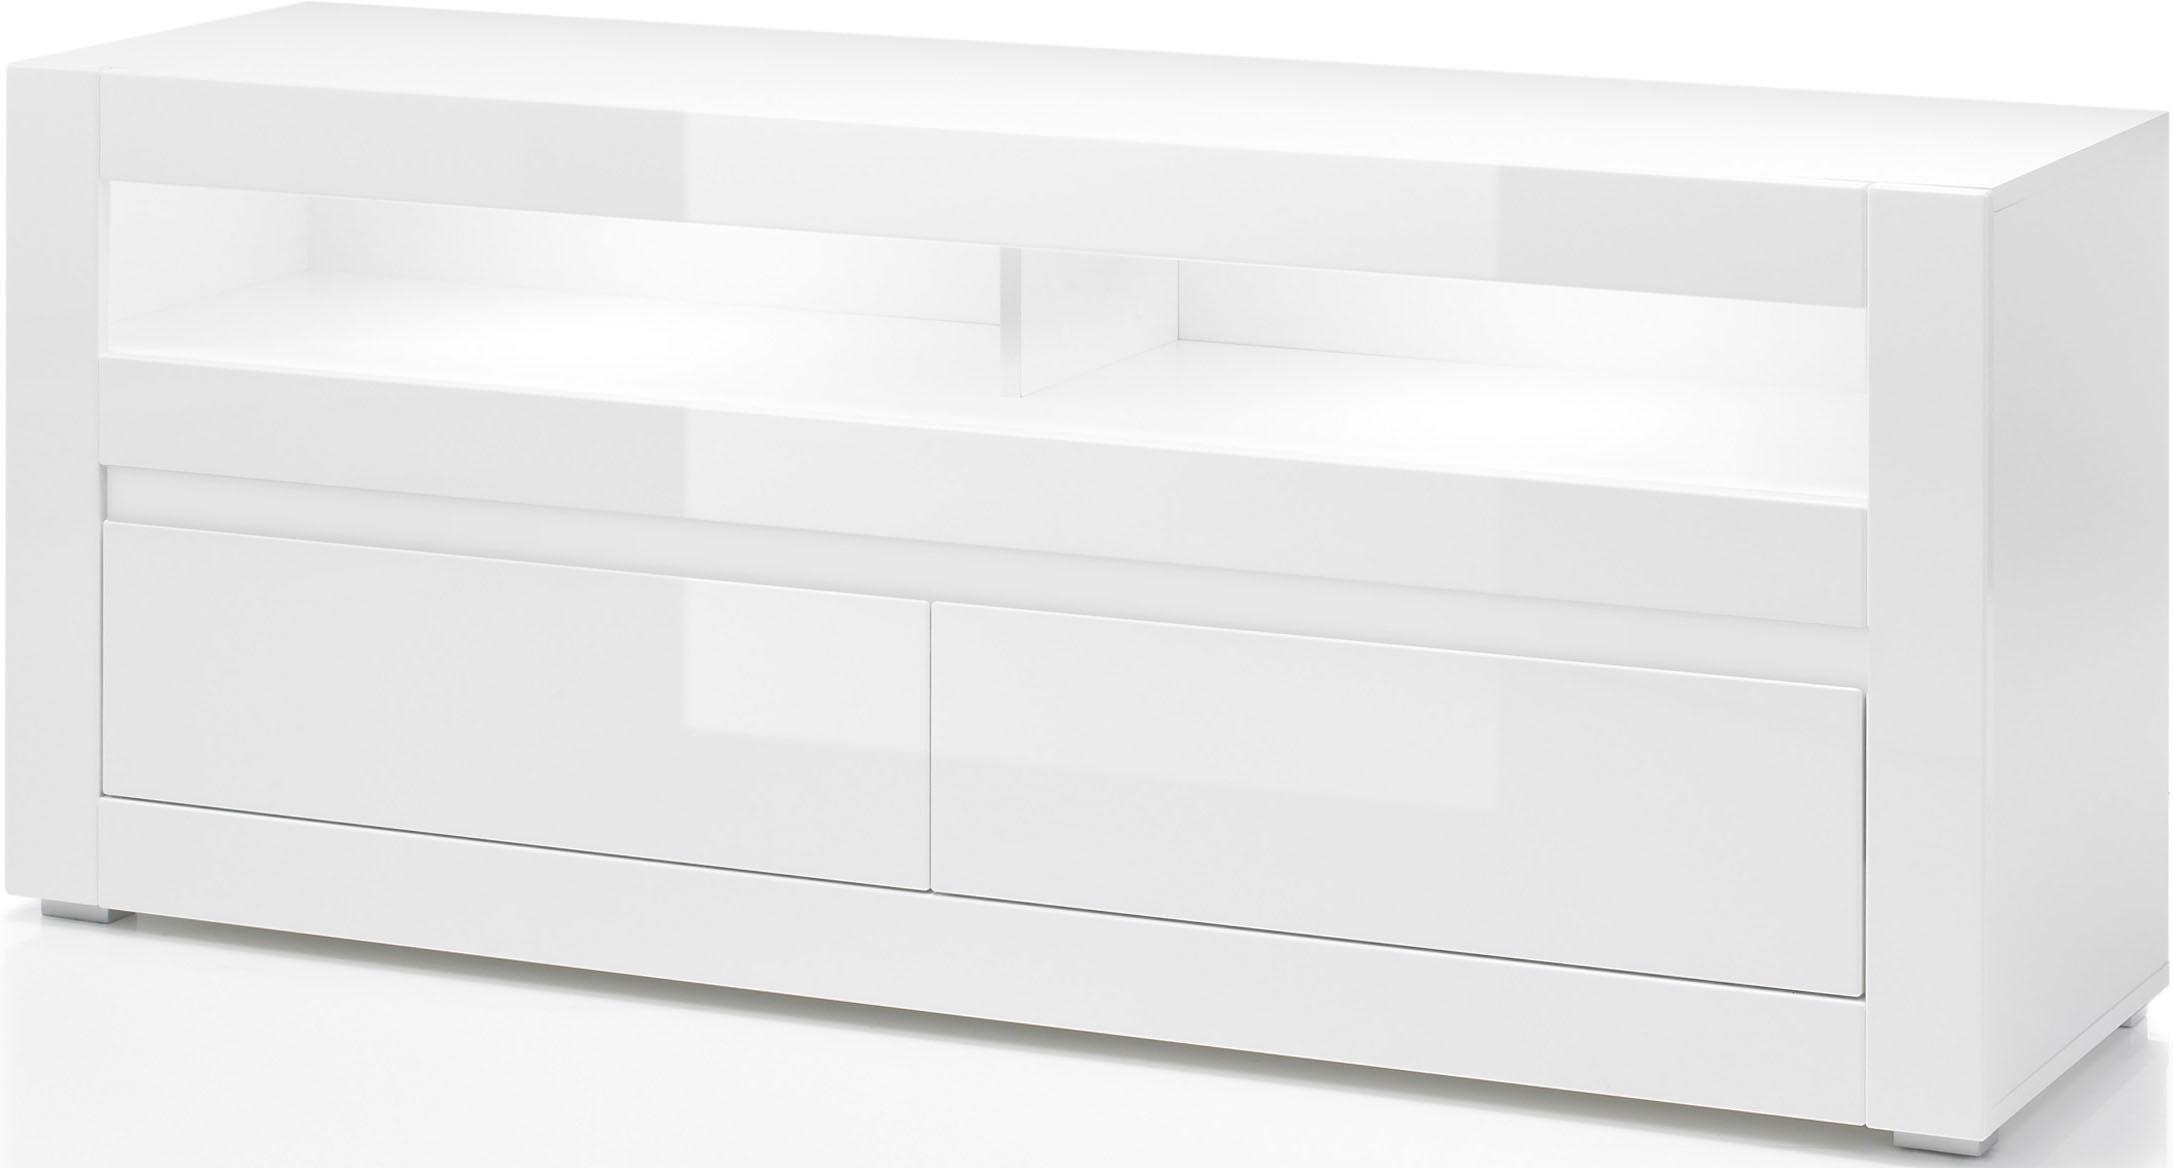 Tv-meubel »Carat«, breedte 150 cm nu online kopen bij OTTO